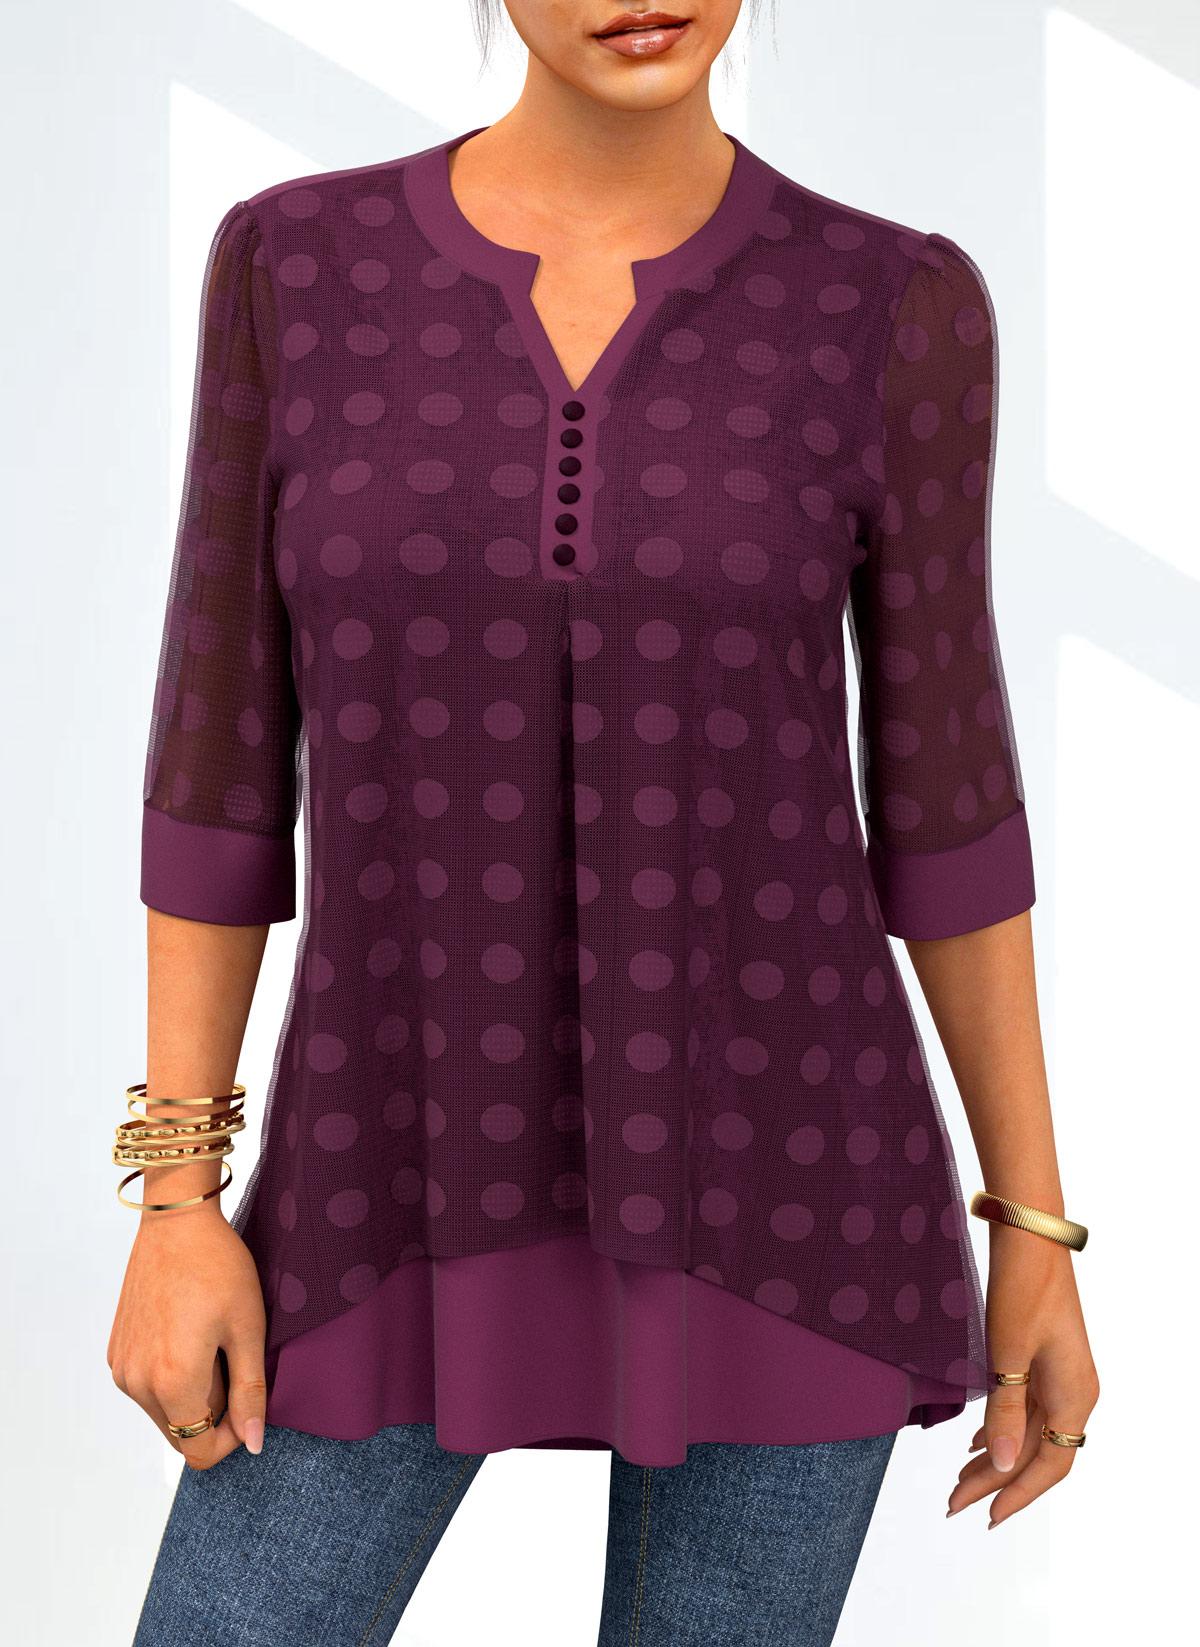 Lace Stitching Layered Polka Dot Blouse